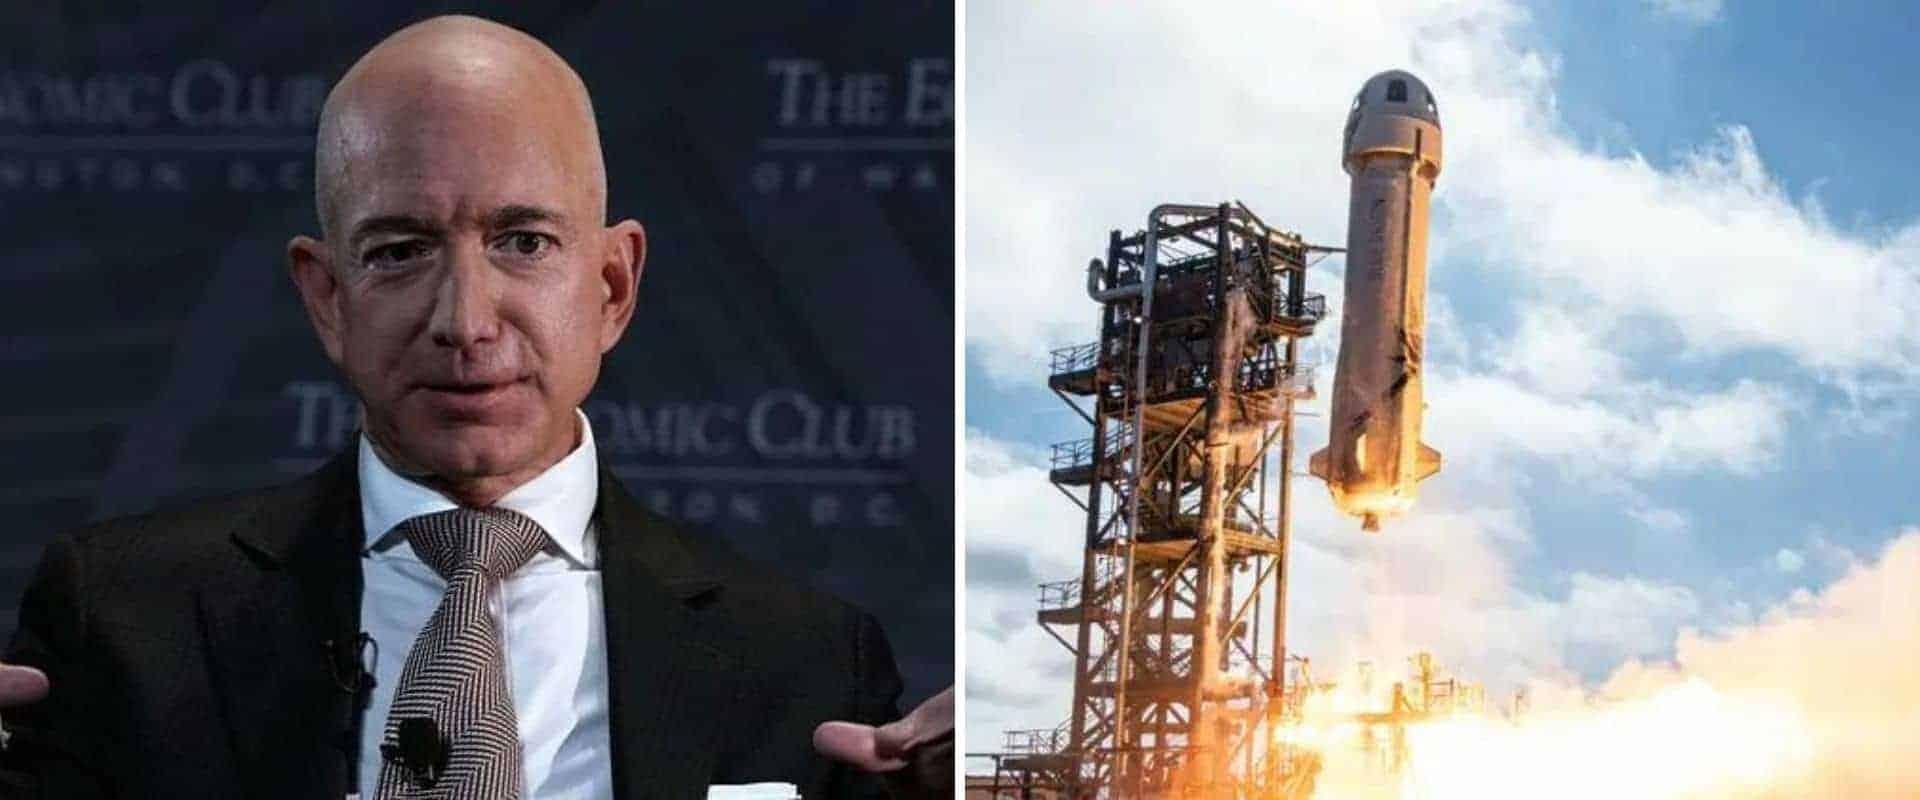 Lanzan una petición para no permitir que Jeff Bezos vuelva a ingresar a la Tierra y ya tiene más de 10.000 firmas